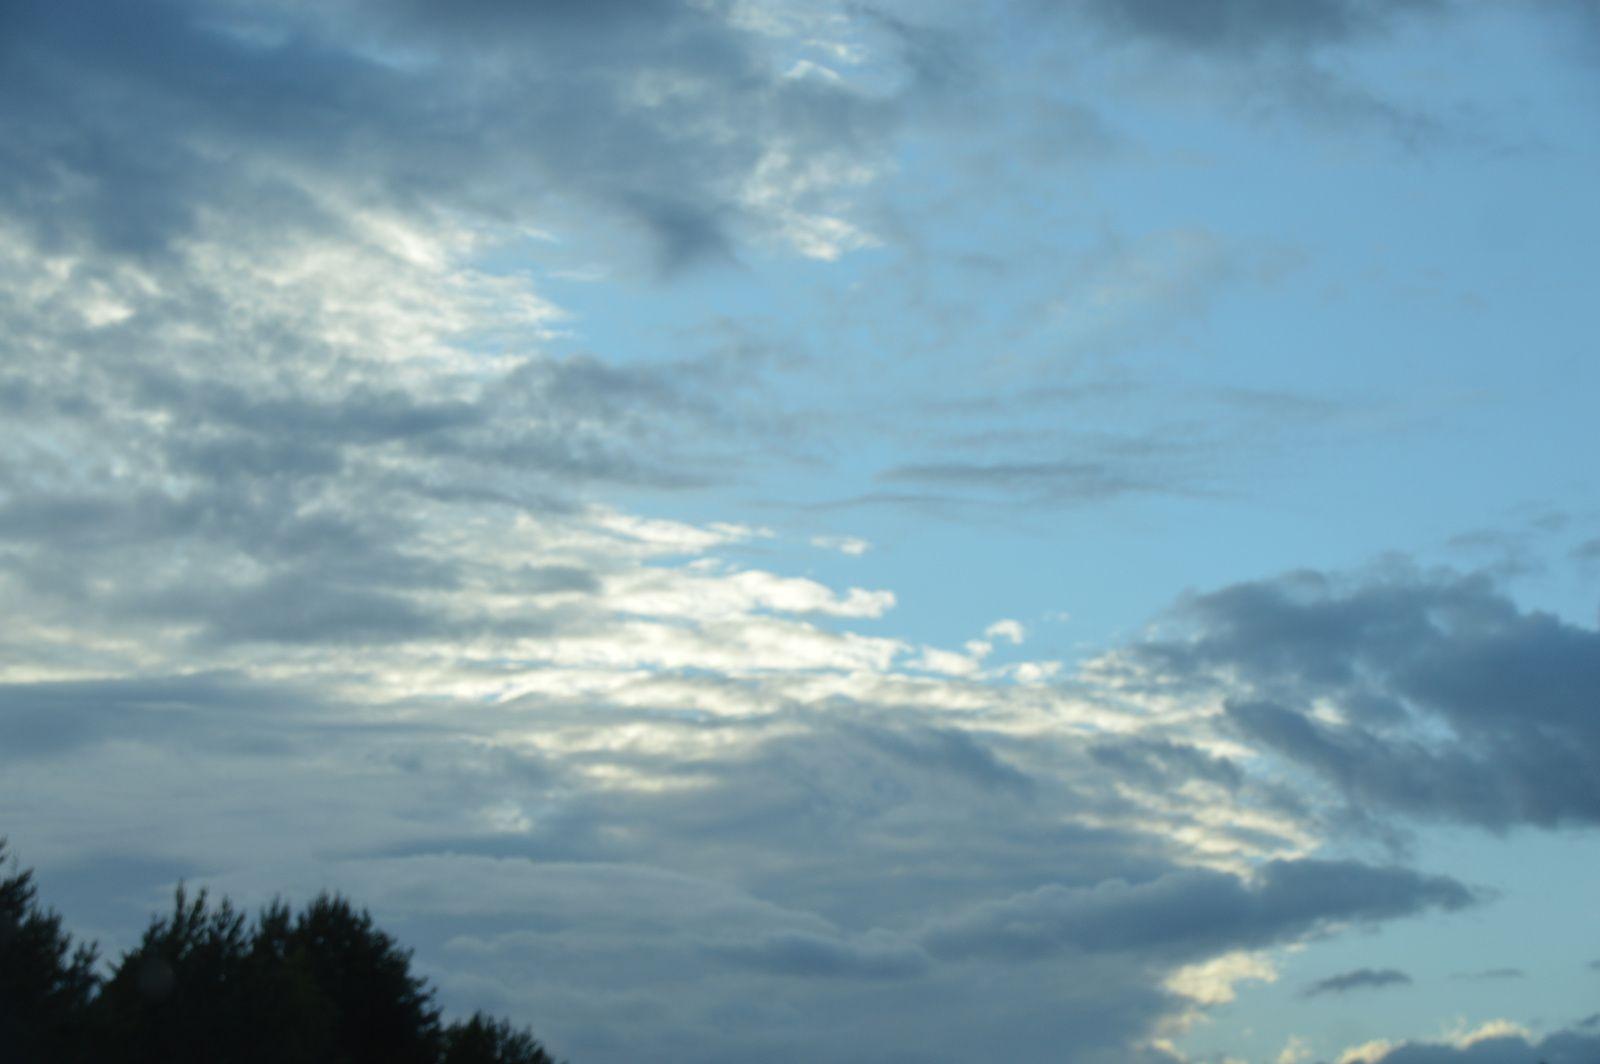 En nous... Le goût de la terre et du ciel mêlés.